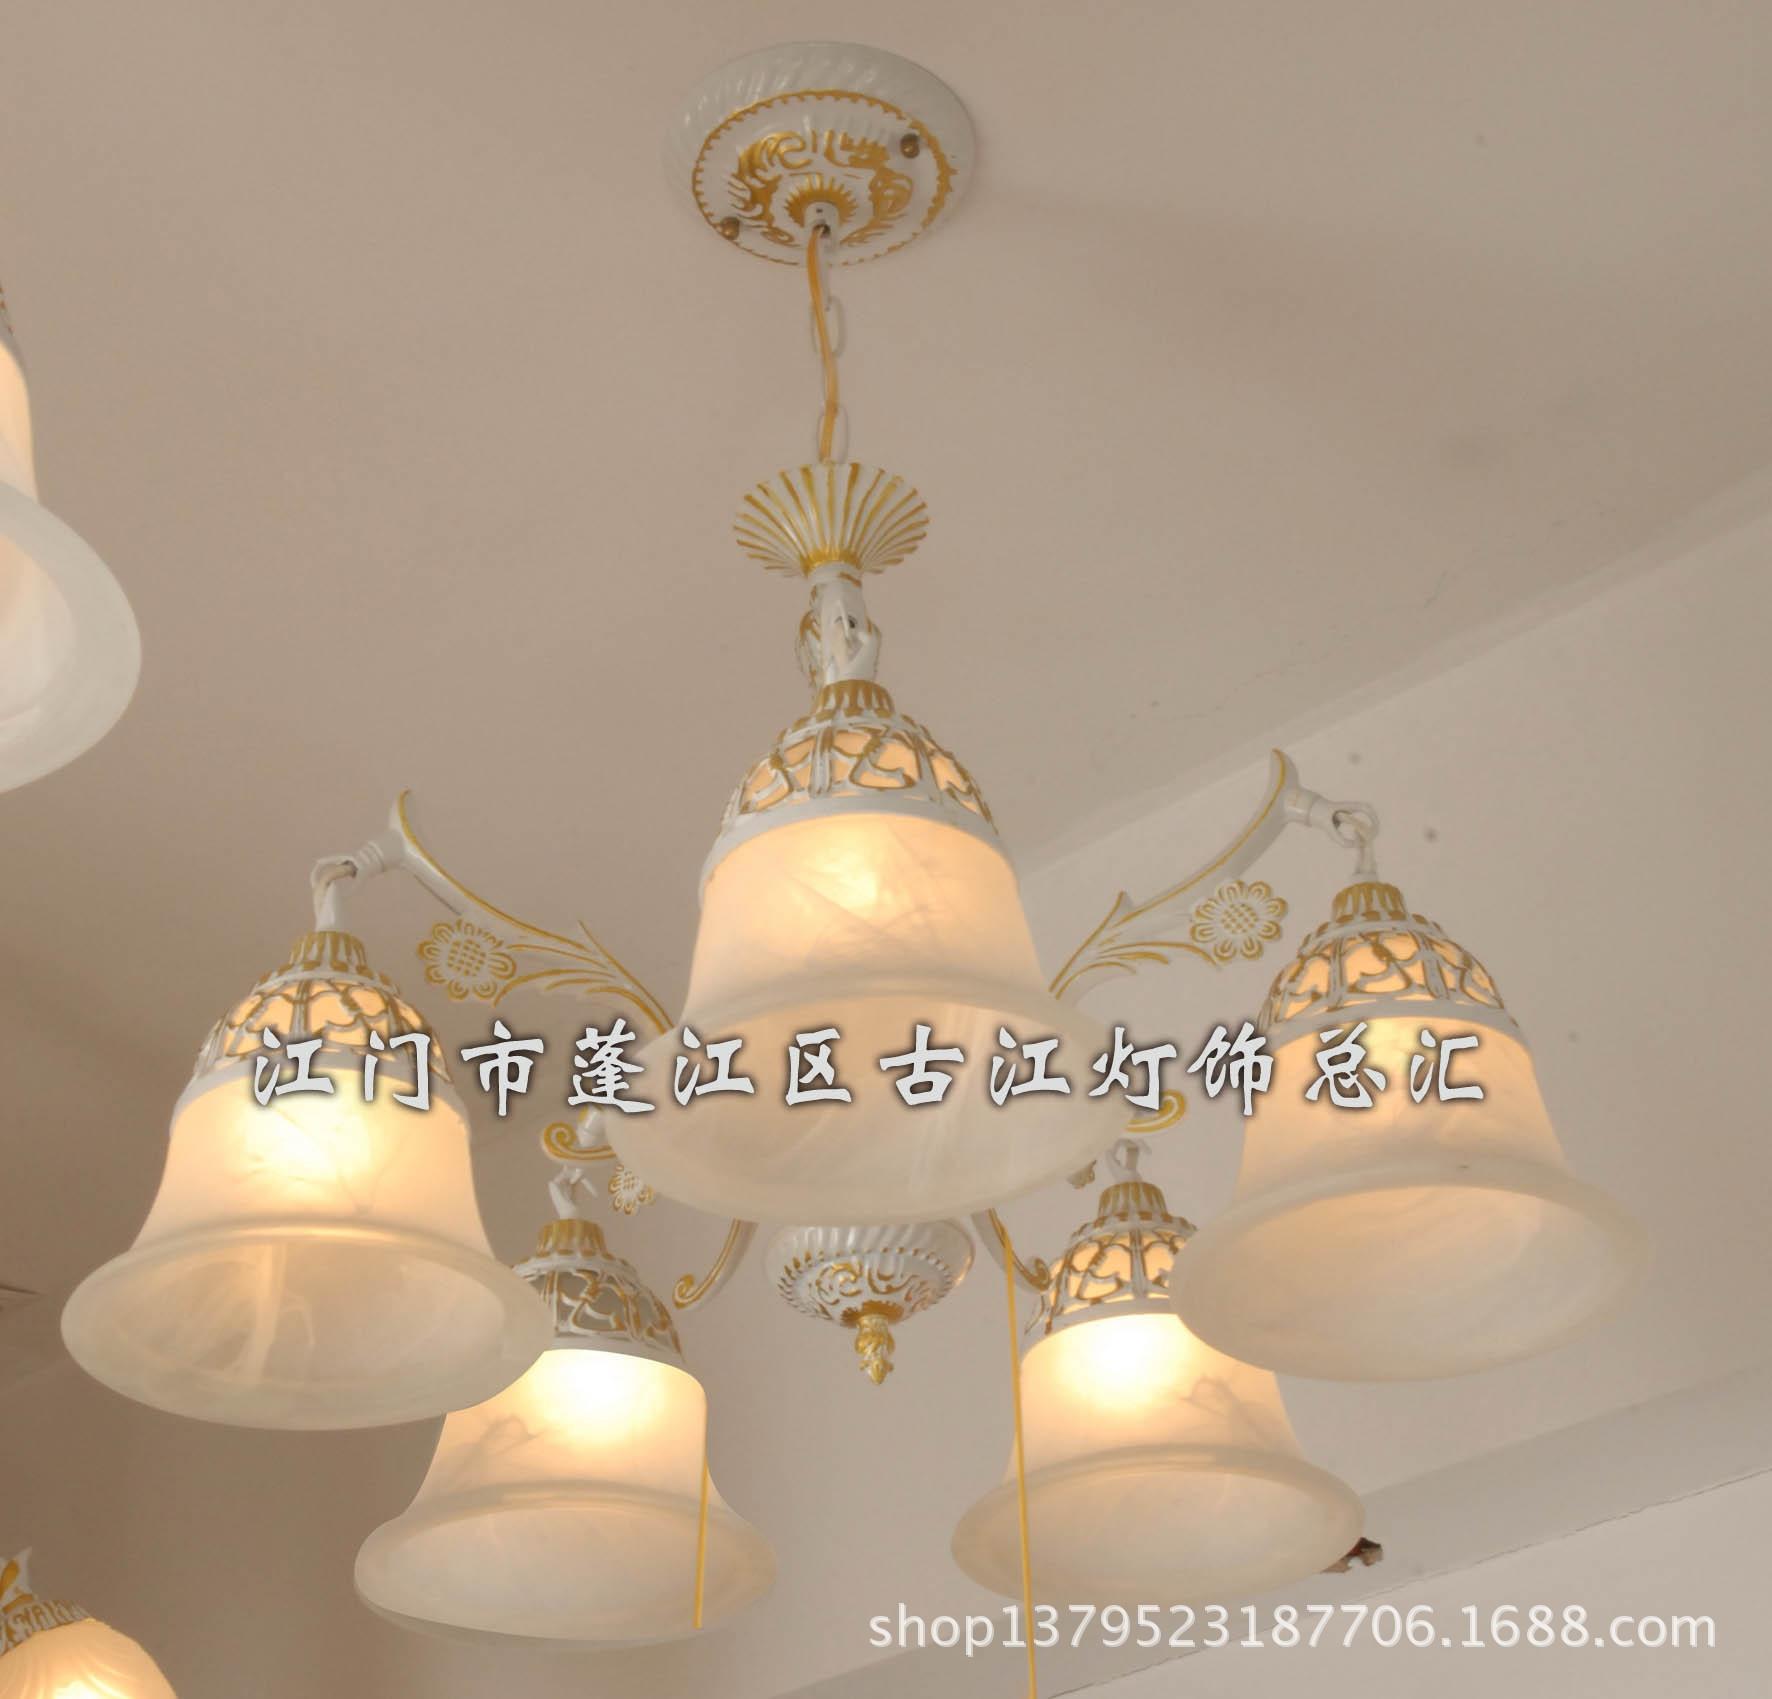 仿古吊灯 田园风格 欧式吊灯 客厅灯饰